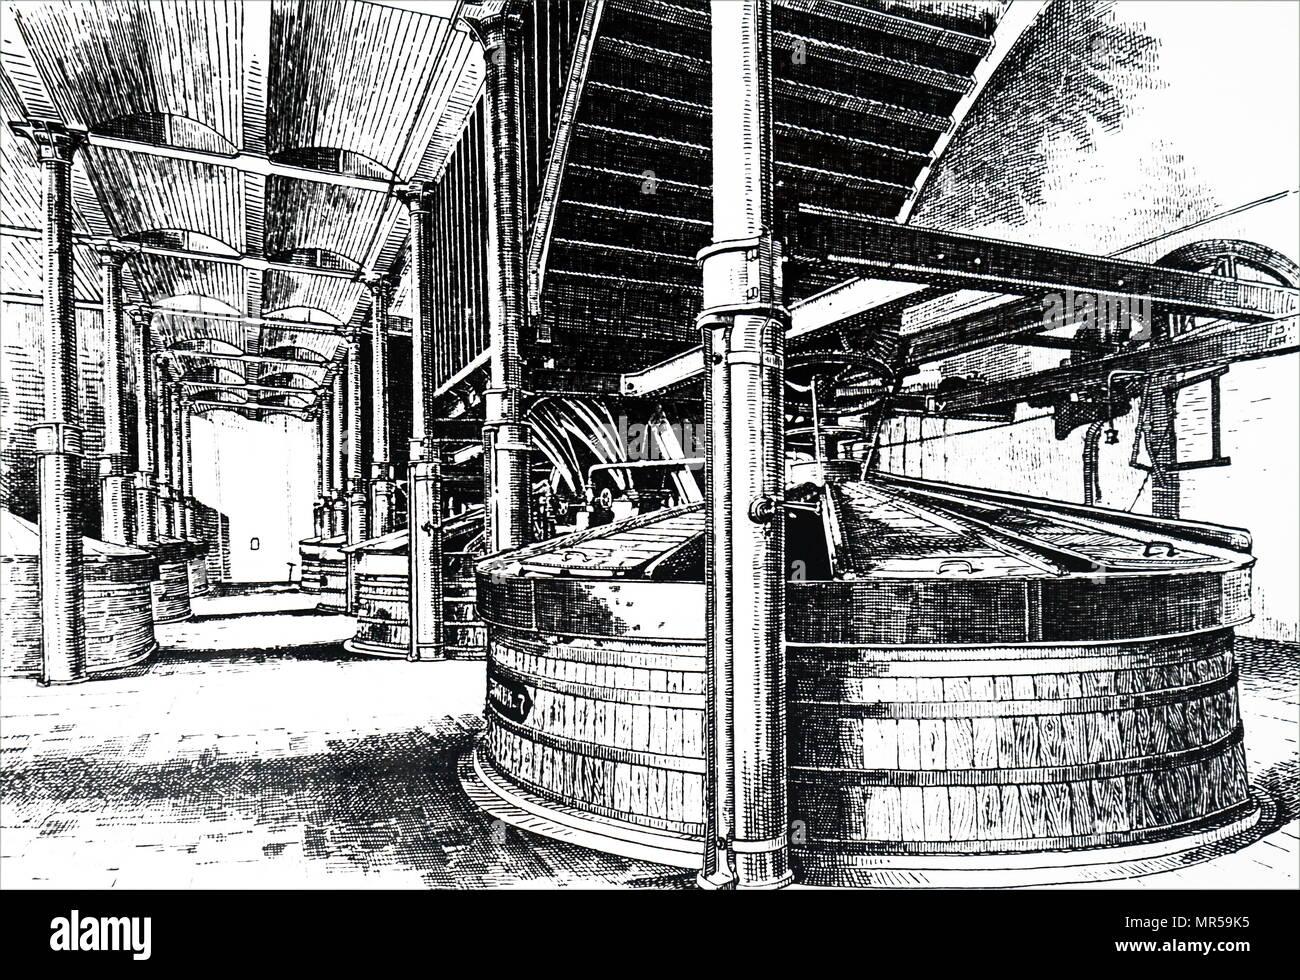 Gravure d'une scène de l'intérieur de la plus jeune WM & Co., Holyrood Brewery - la particuliarité de scène, où le malt et l'eau ont été bien mélangés ensemble. En date du 19e siècle Photo Stock